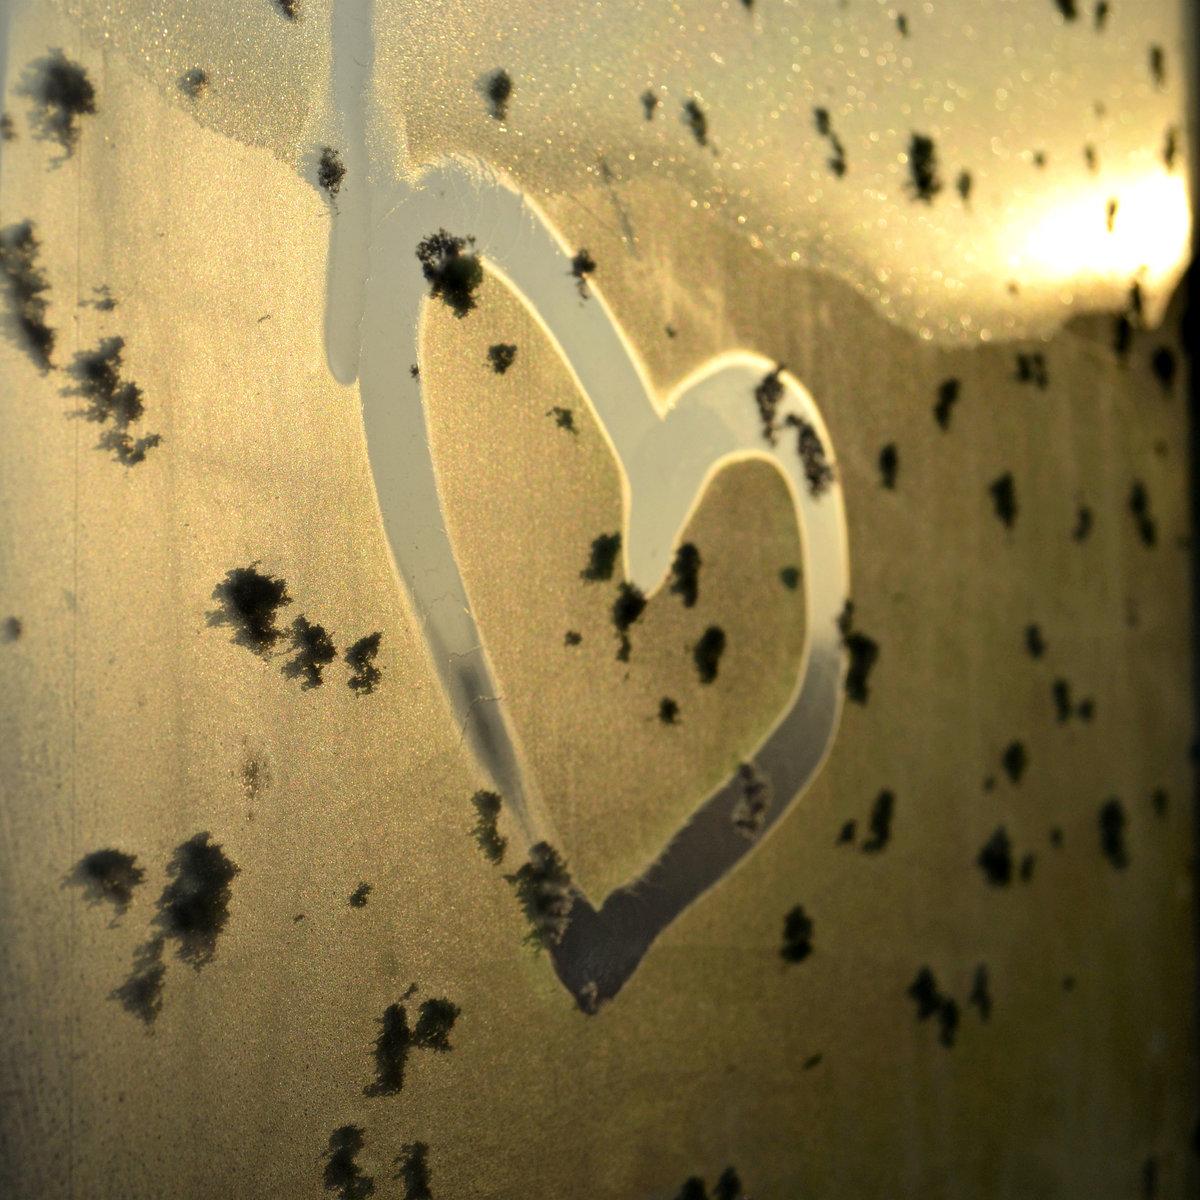 фотографии экс-солистки сердечко на стекле картинки замирает, оно продолжает